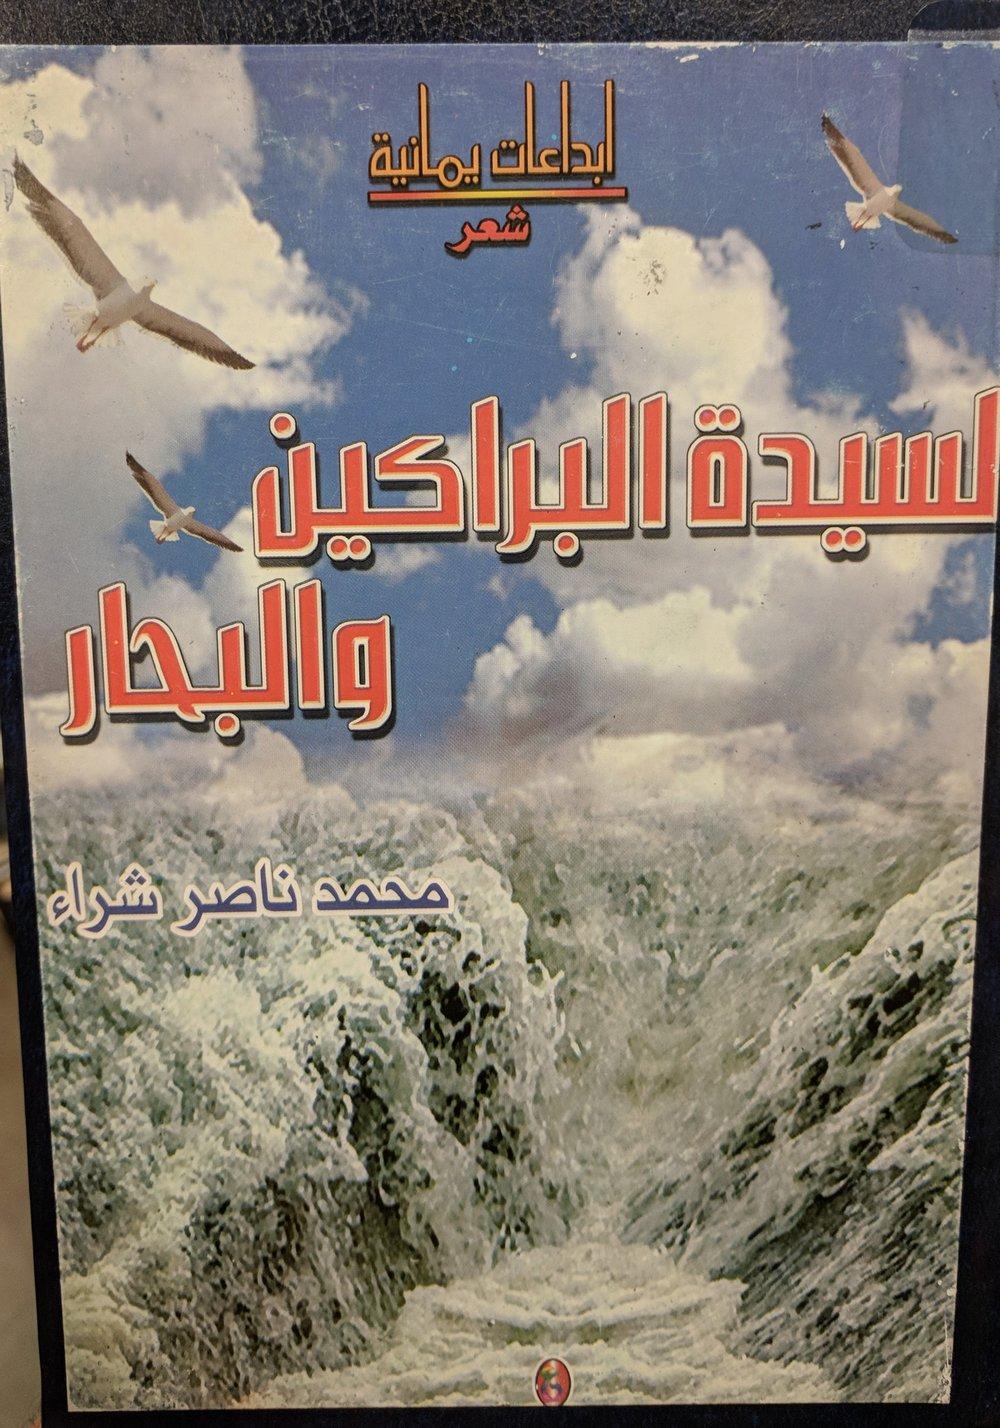 Muḥammad Nāṣir Shirā',  Li-sayyidat al-barākīn wa-al-biḥār: shiʻr  (Ṣanʻā' : Markaz ʻAbbādī li-l-Dirāsāt wa-l-Nashr, 2002)